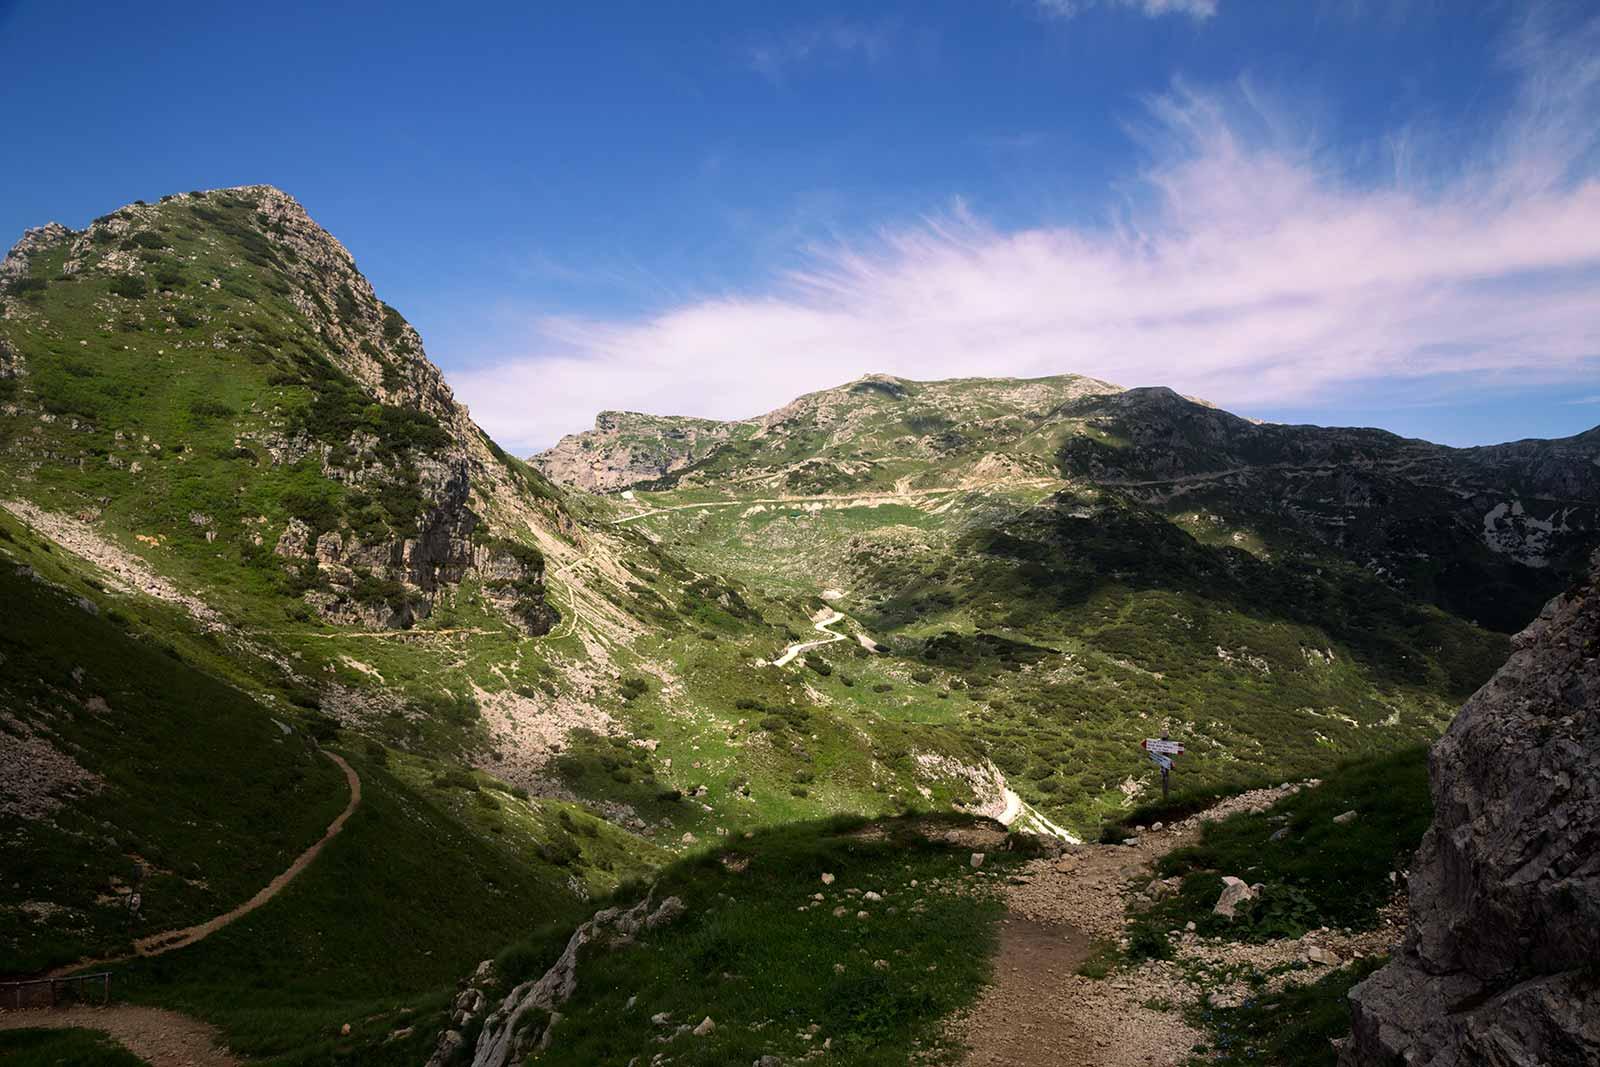 Strada delle 52 Gallerie starts at Bocchetta di Campiglia (altitude of 1216 m) and ends at the Porte del Pasubio (altitude of 1928 m).